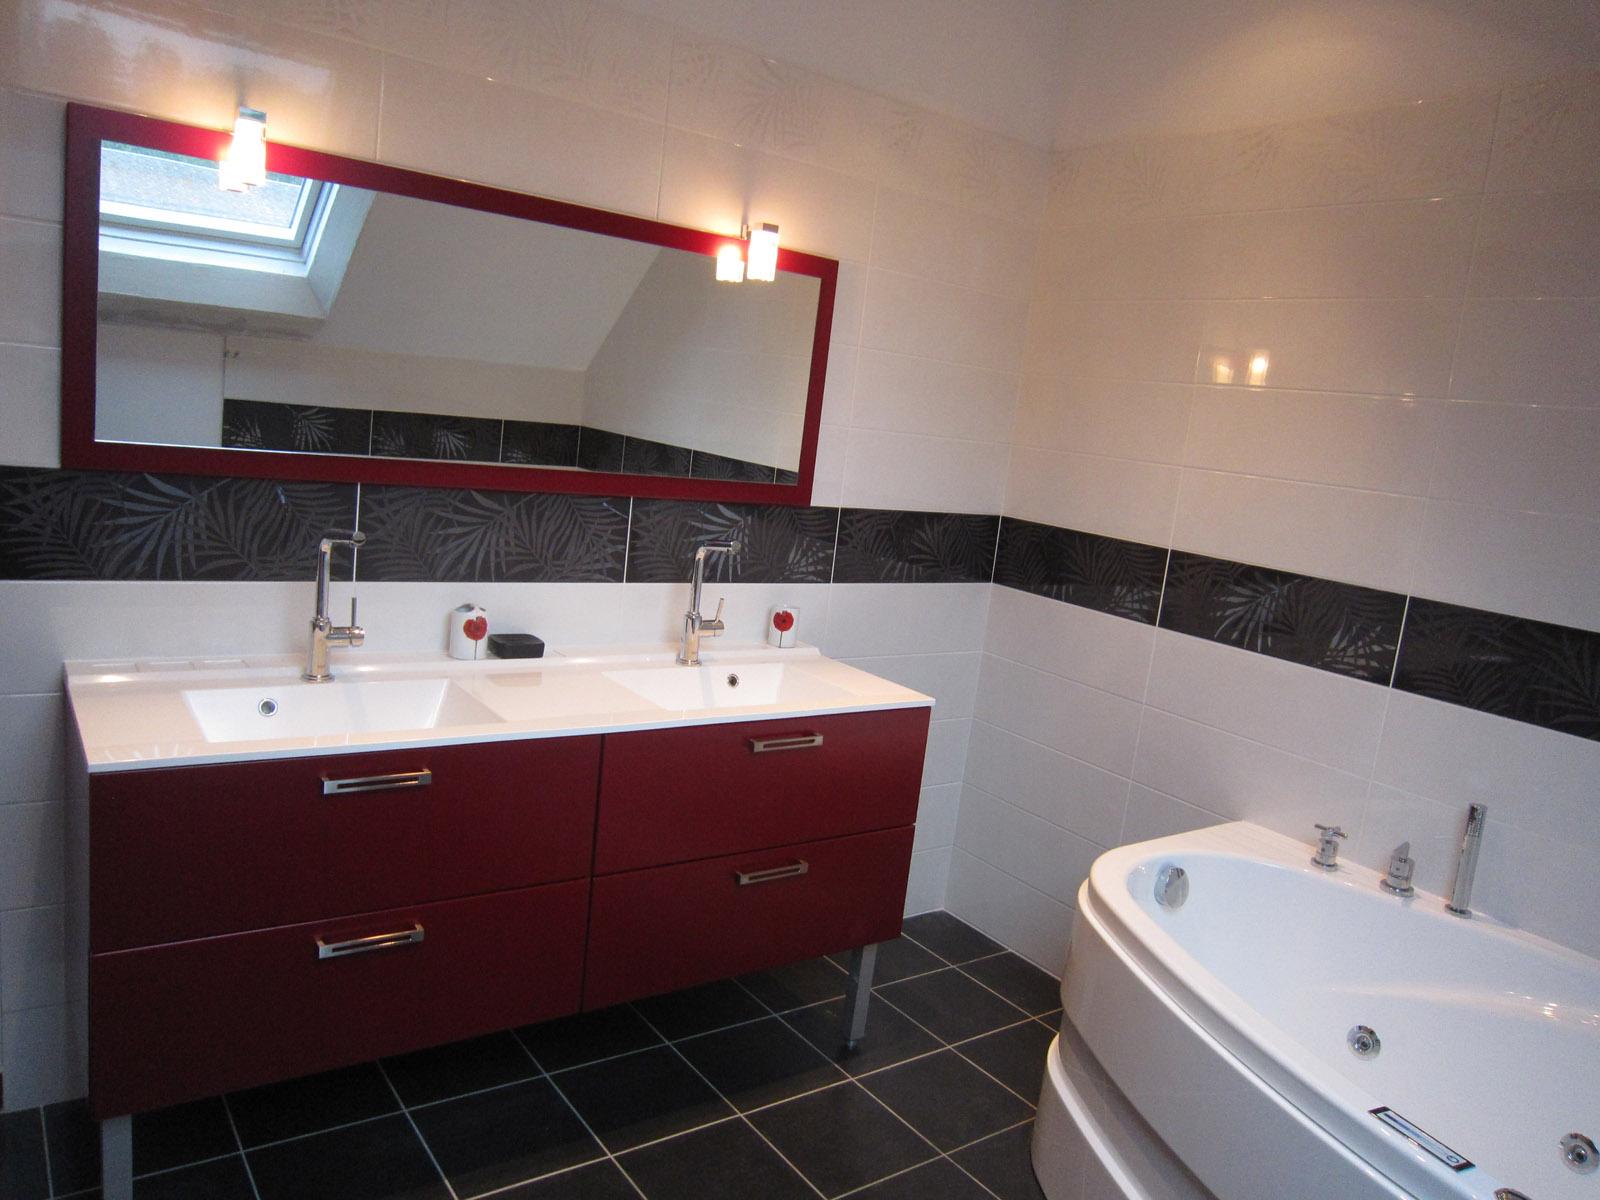 Salles de bain archives cuisines couloir for Modeles de salle de bain